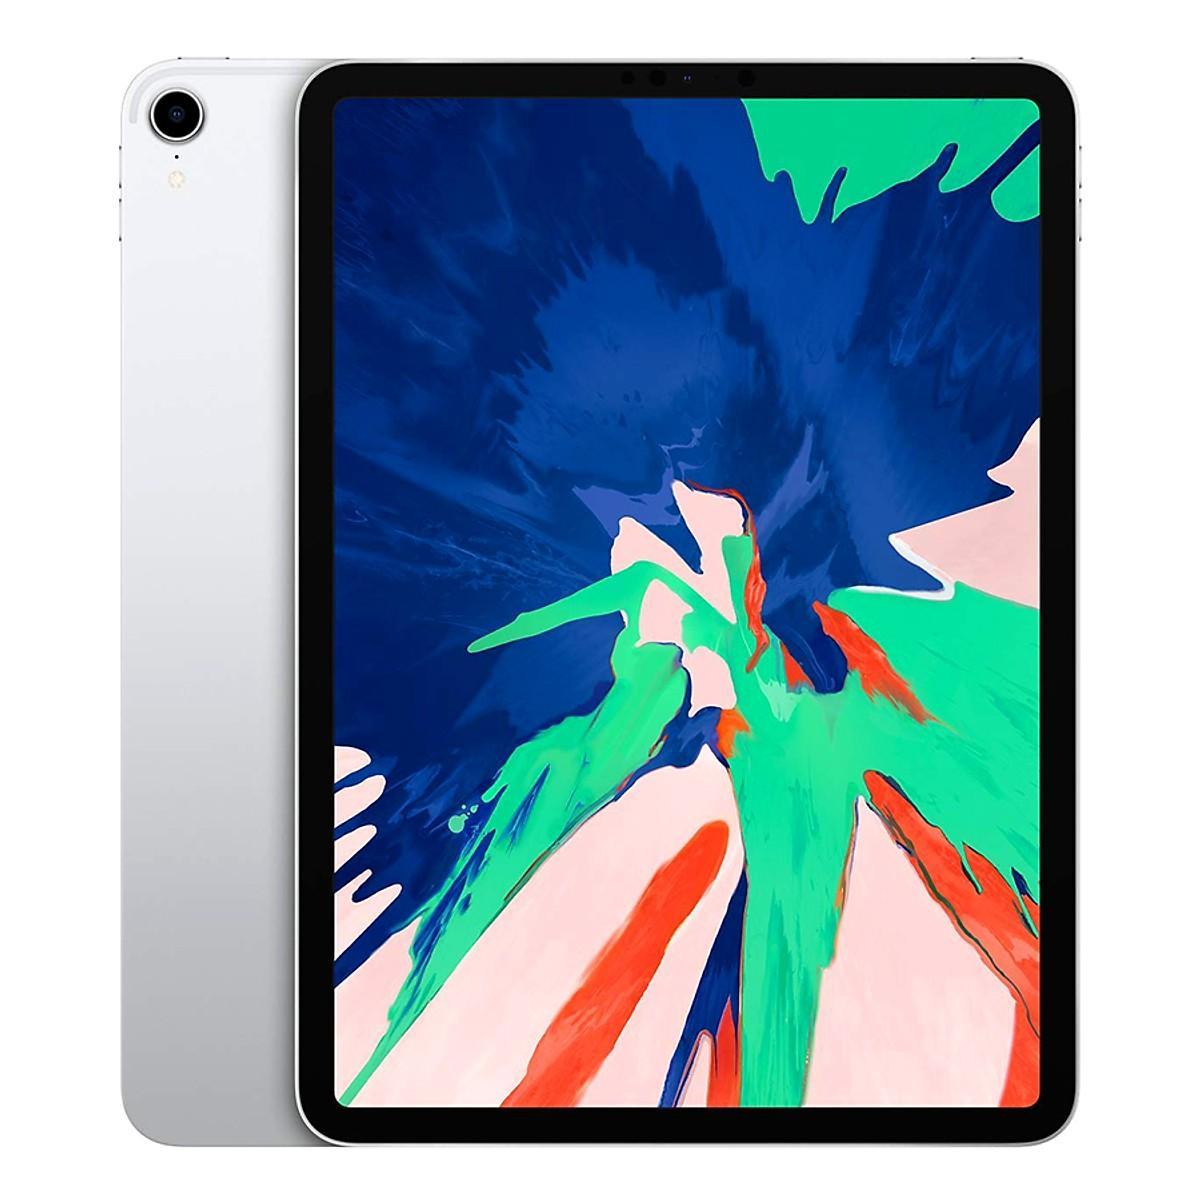 iPad Pro 11 inch (2018) 512GB Wifi (Silver) - Hàng Chính Hãng